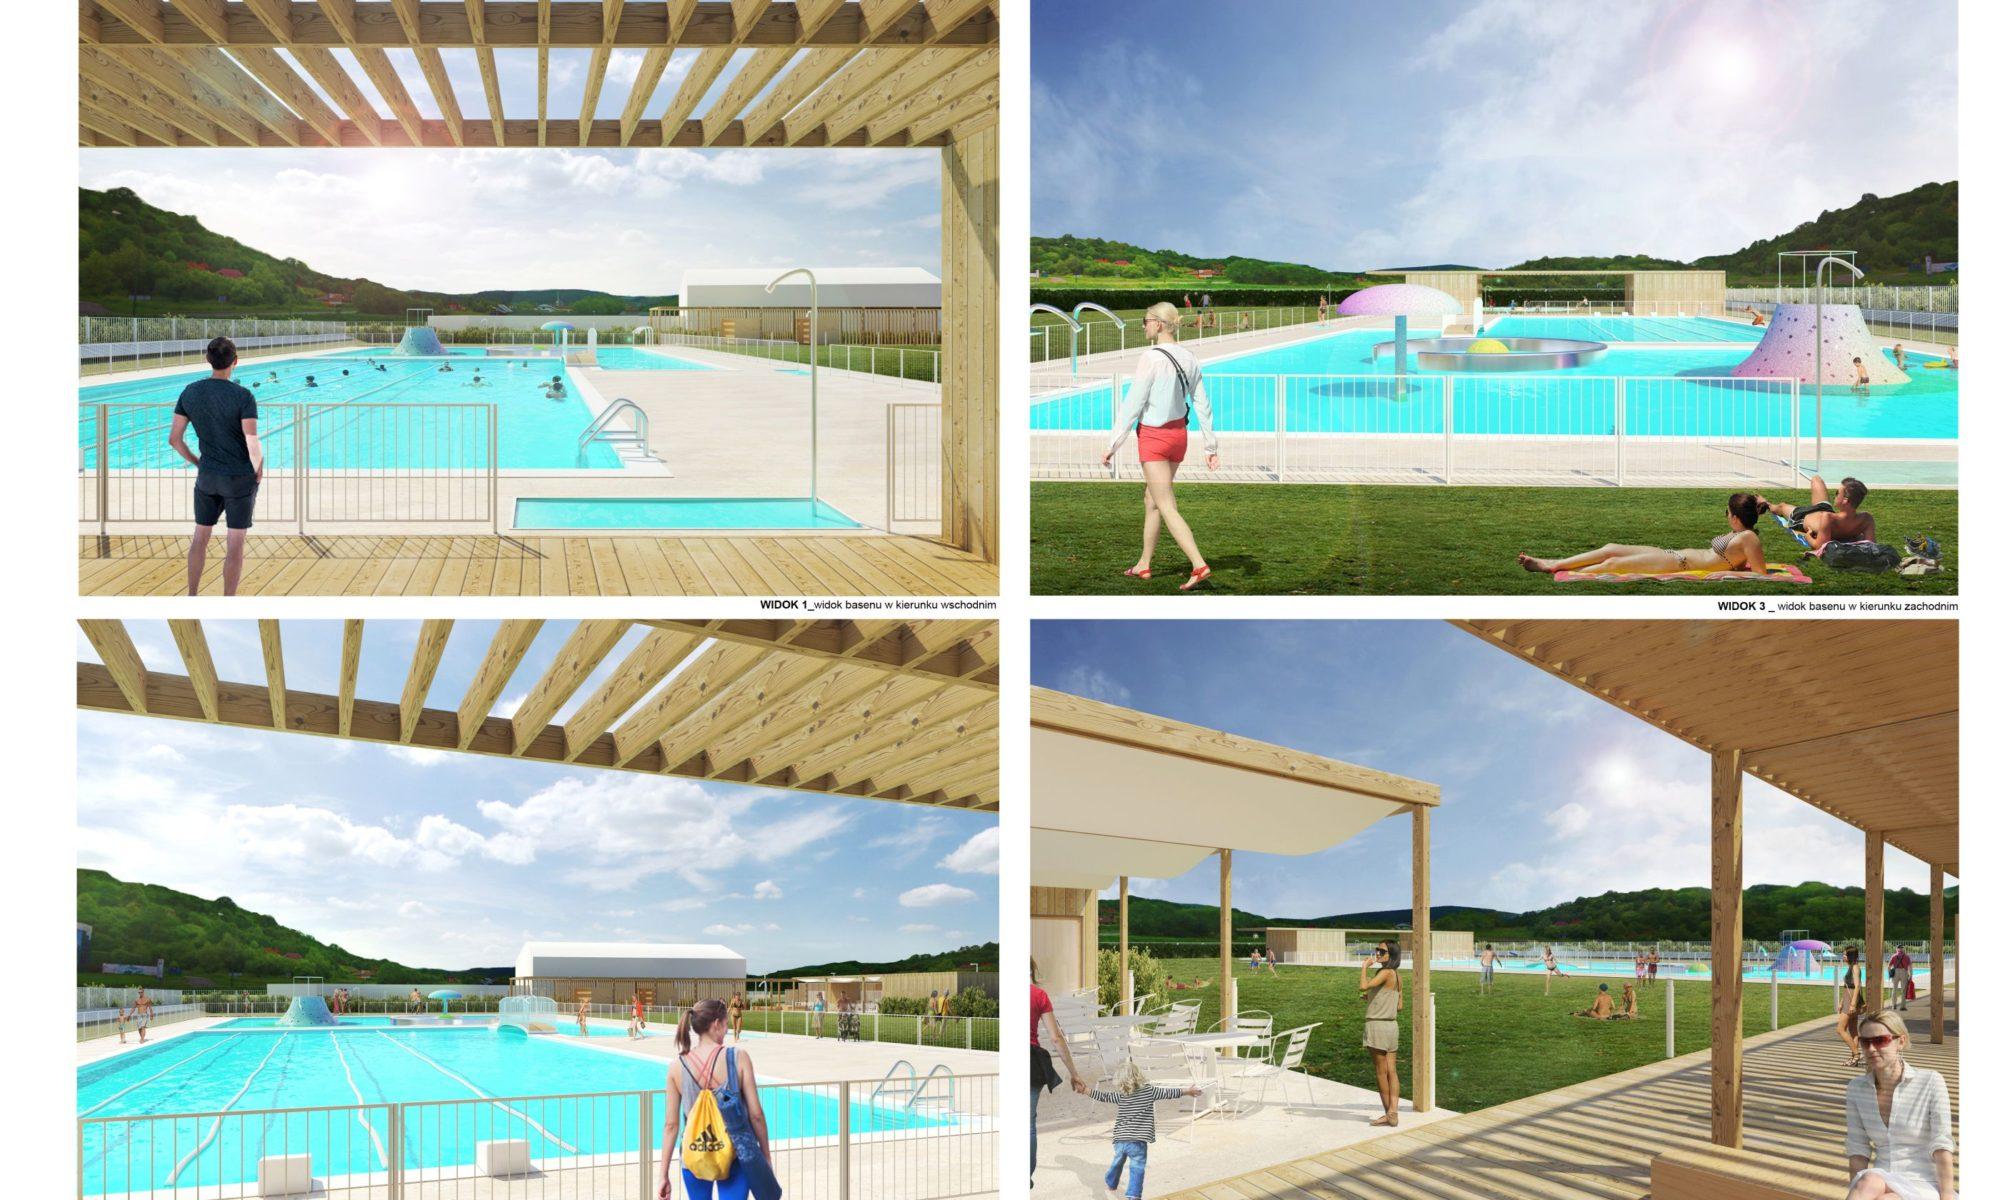 przebudowa basenu nad łubinką nowy sącz